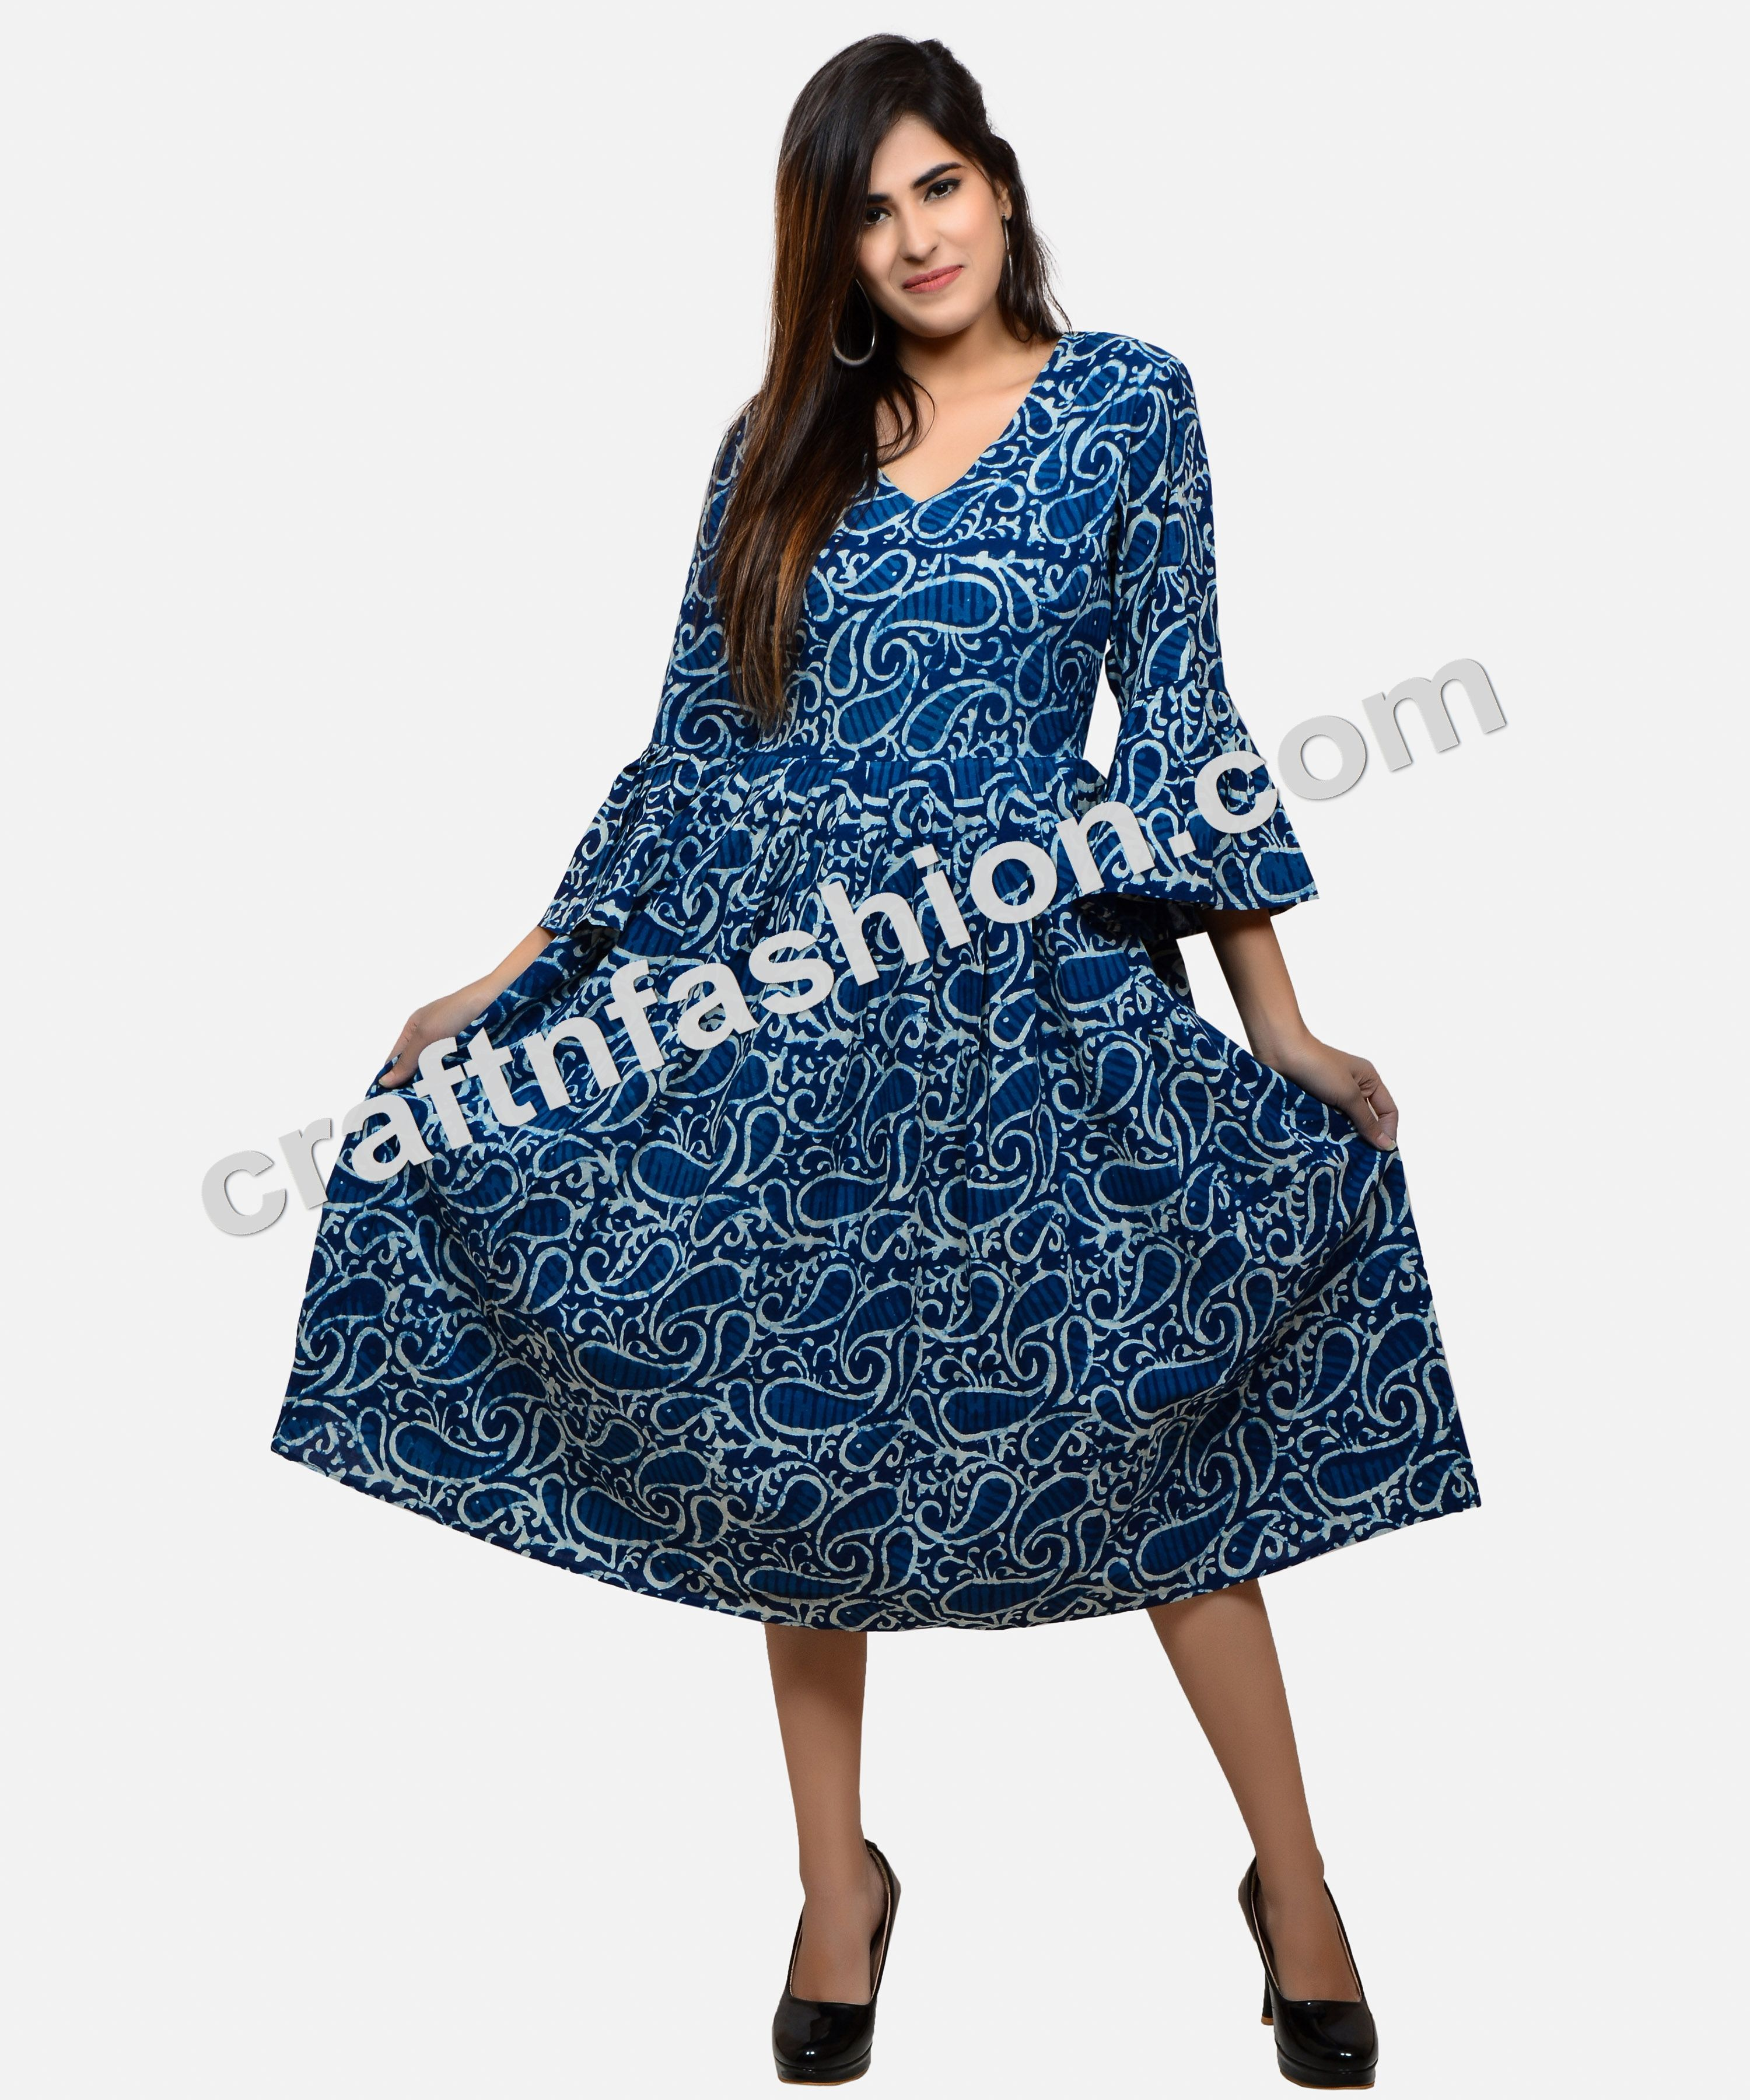 Indian Summer Fashion Wear Designer Kurti Designerdresses Indigodress Summerwear Umbrellasleeves Urban Style Dress Indian Summer Fashion Beachwear Fashion [ 3600 x 3000 Pixel ]